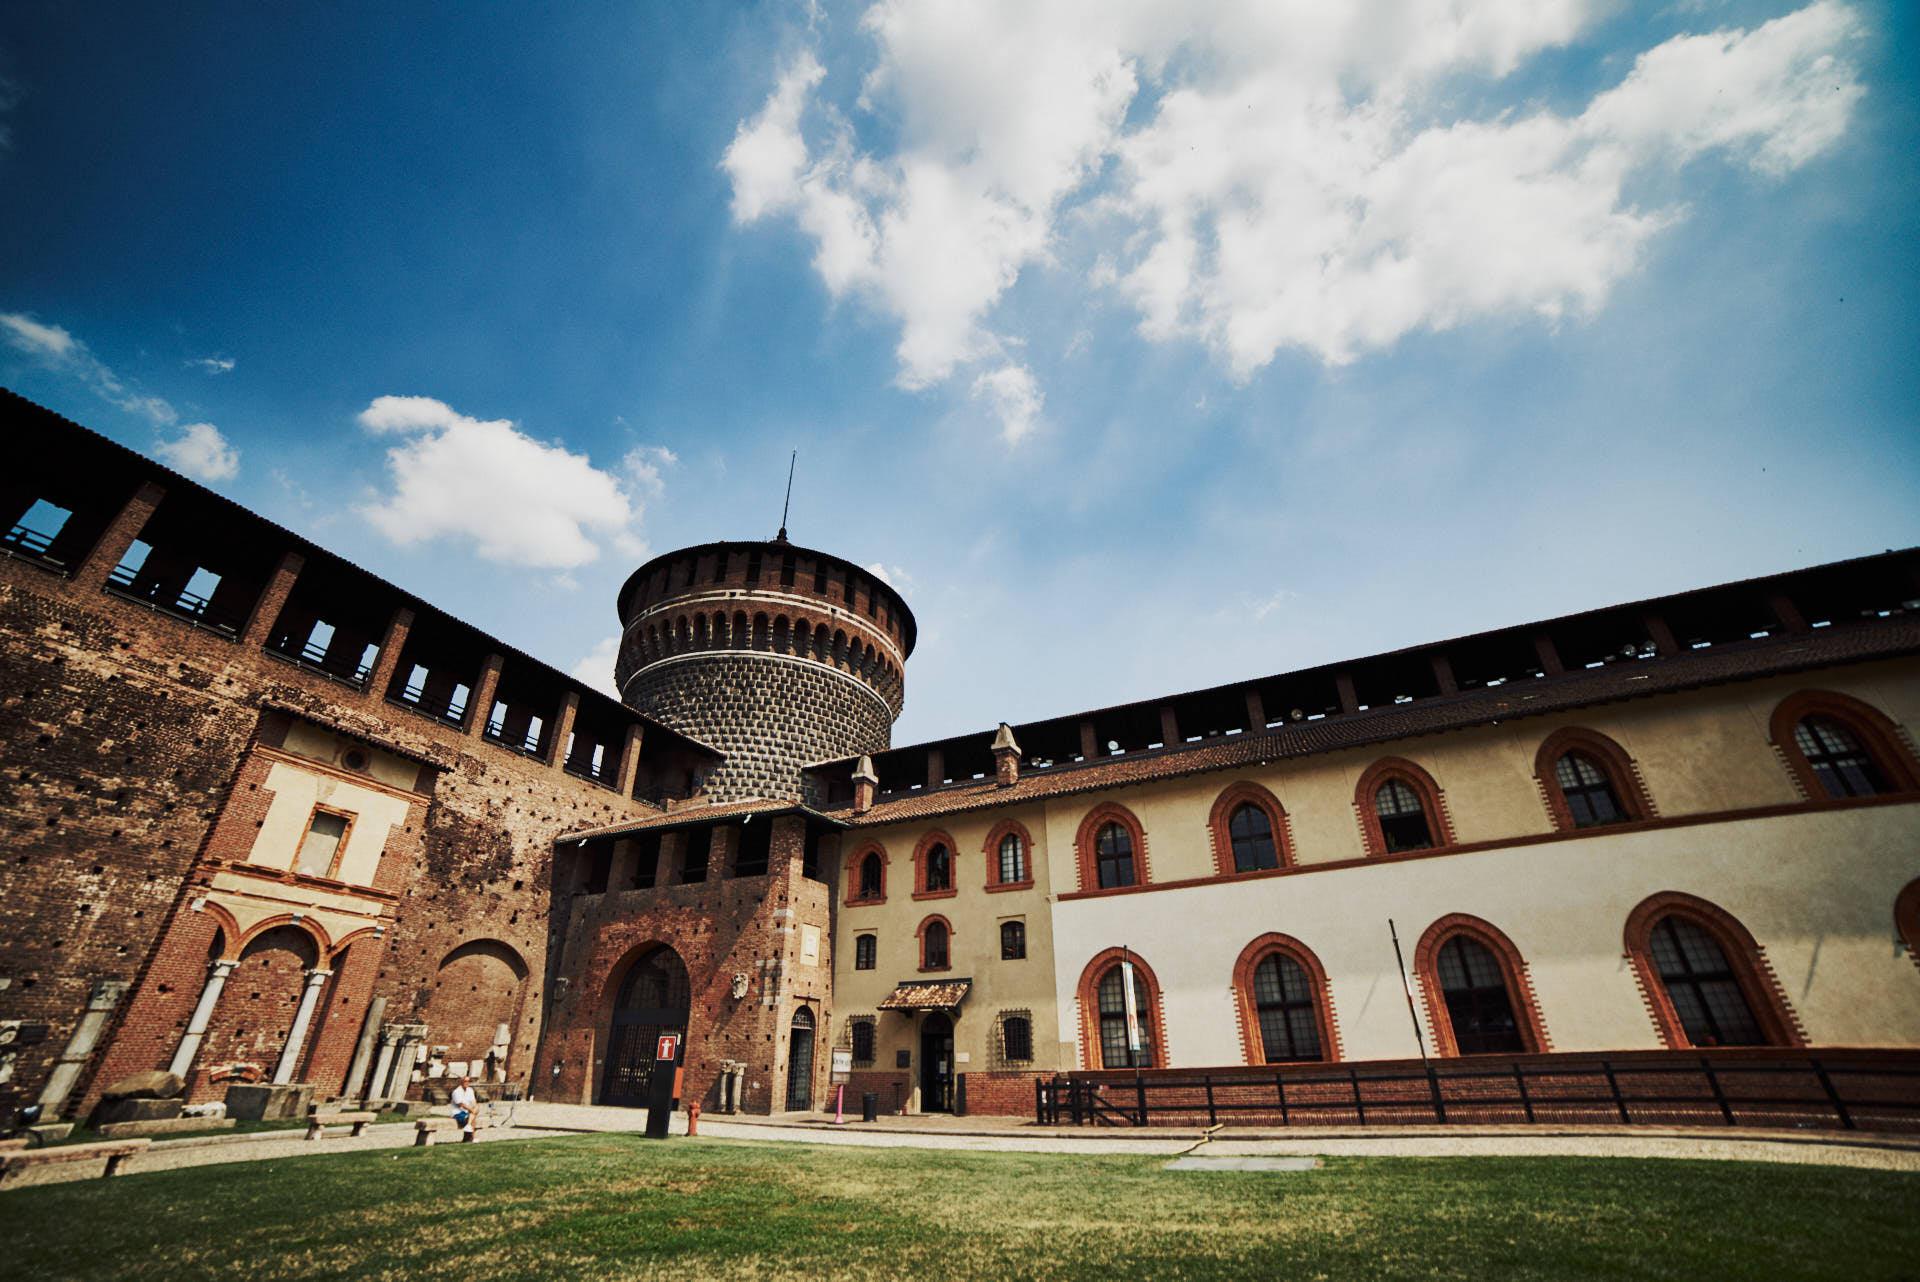 Castelo Sforzesco - Milán - José Álvarez Fotografía